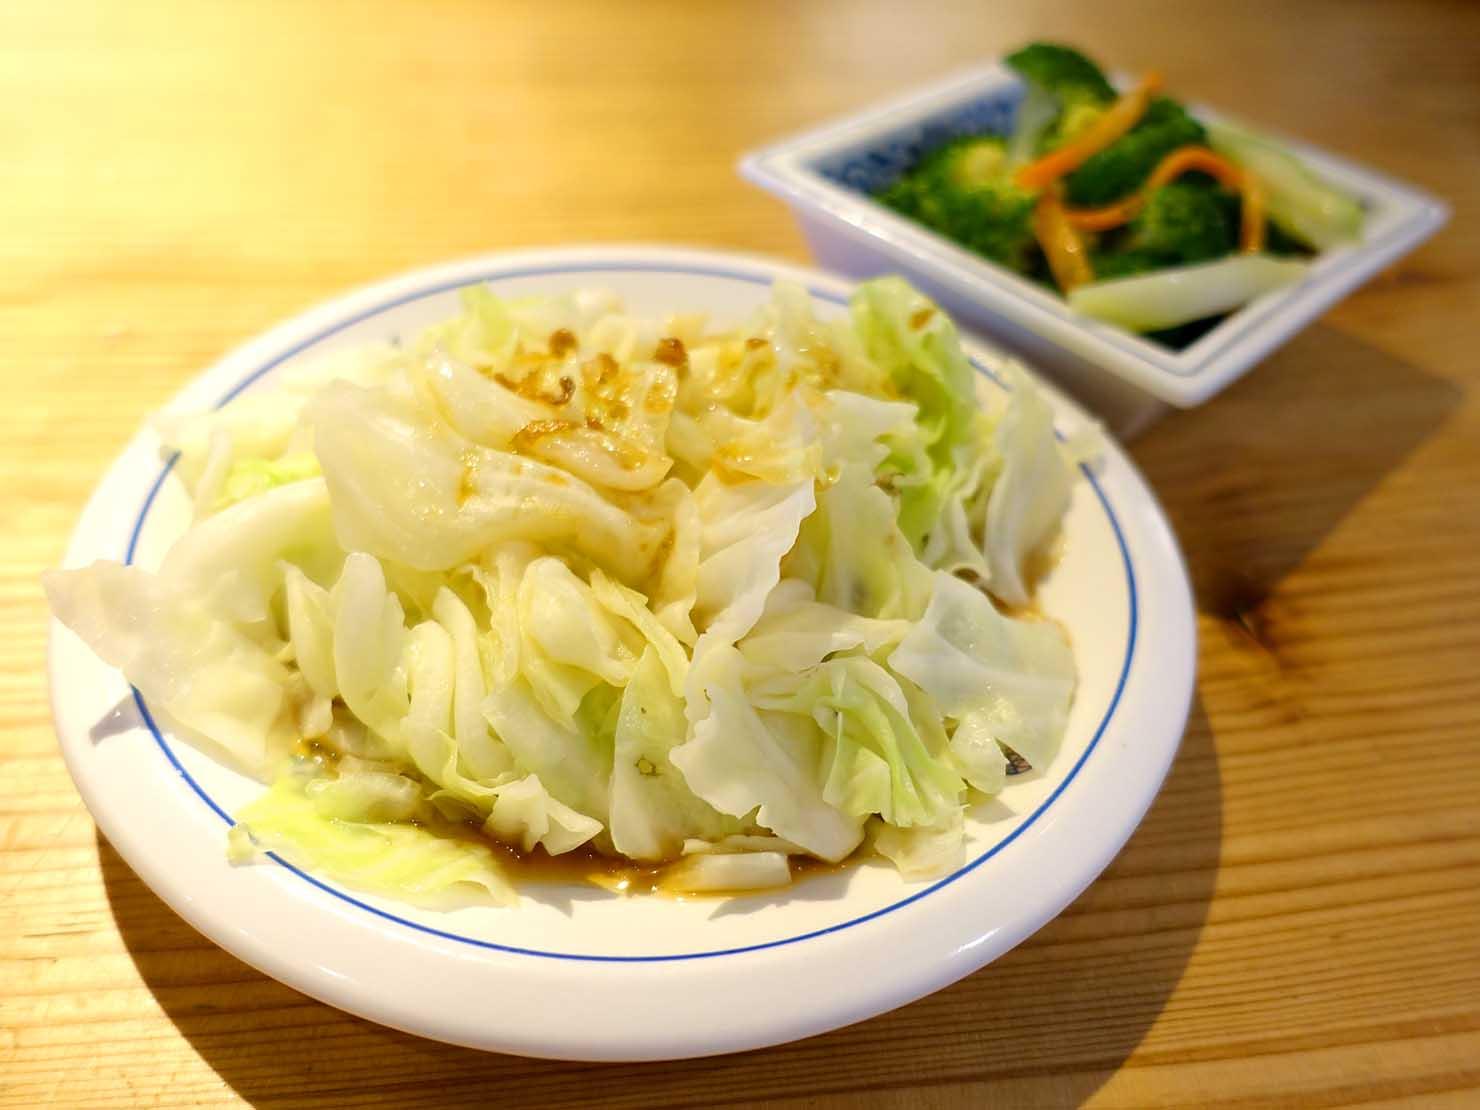 台北駅裏エリア(後站)のおすすめグルメ店「呷麵呷麵 饗記麵舖」の燙青菜